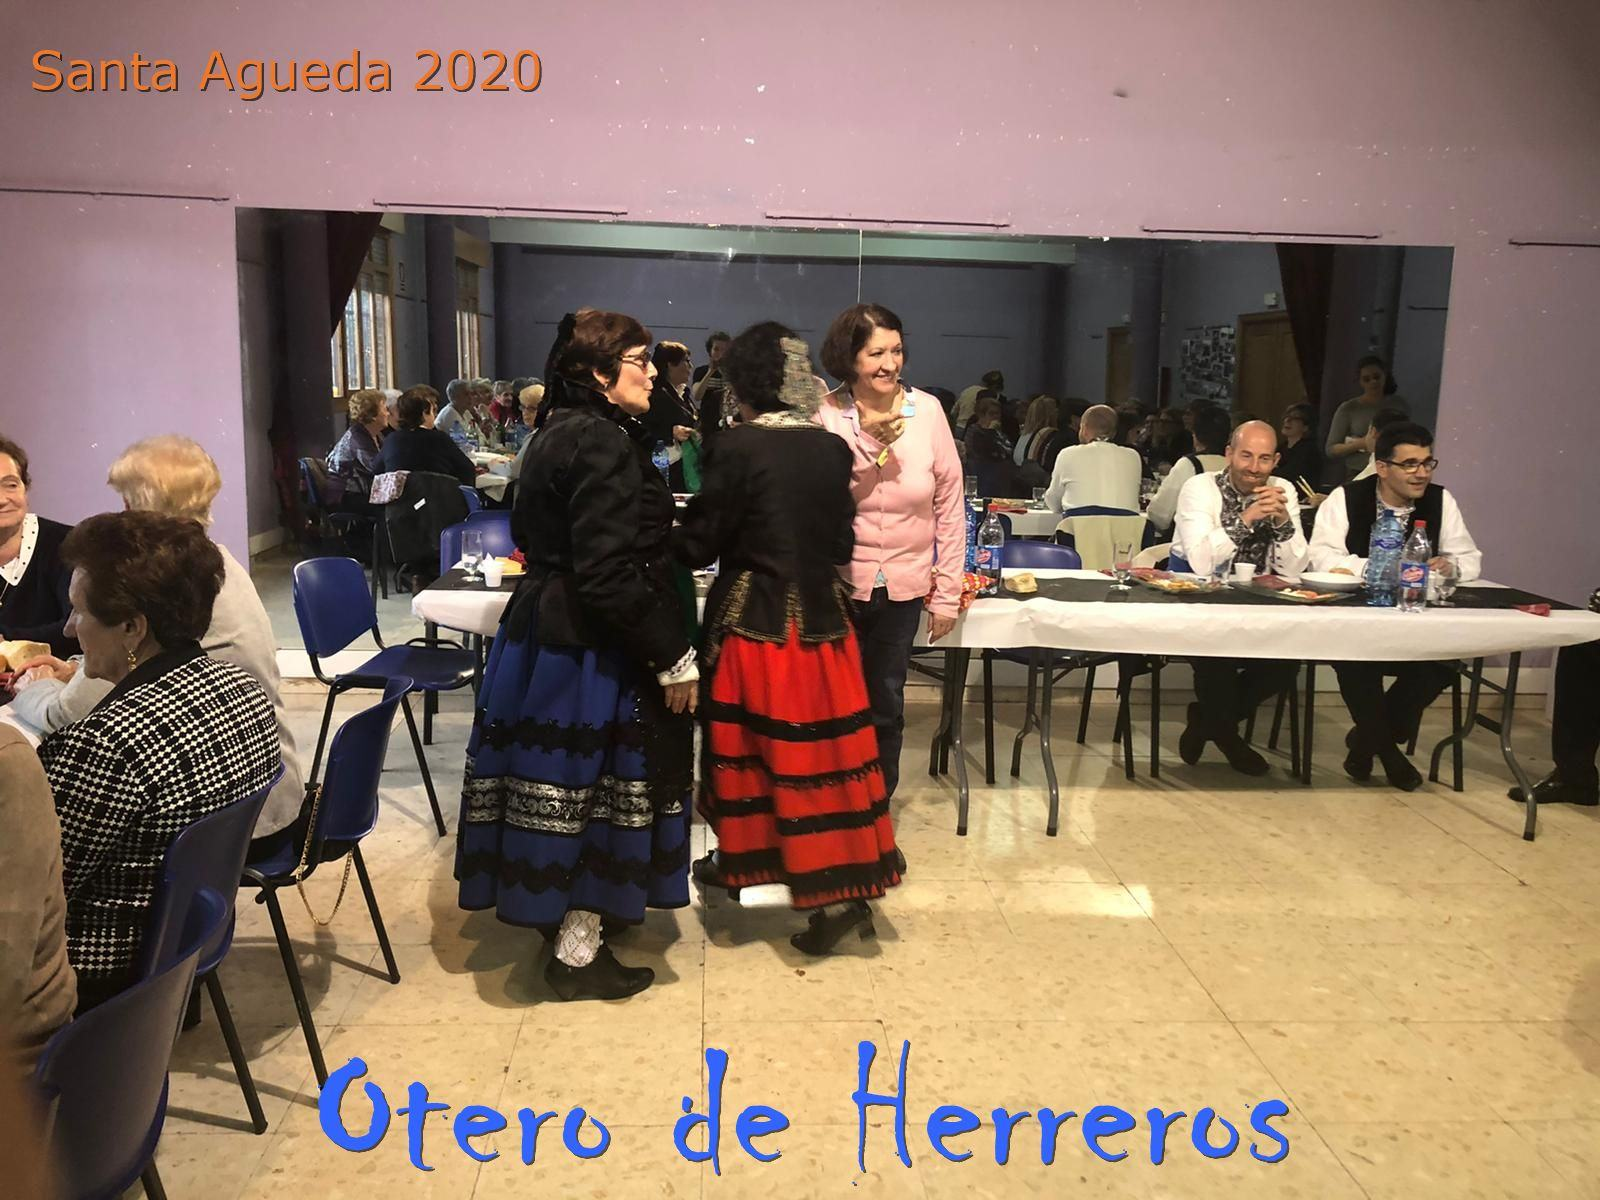 PHOTO-2020-03-04-11-09-222